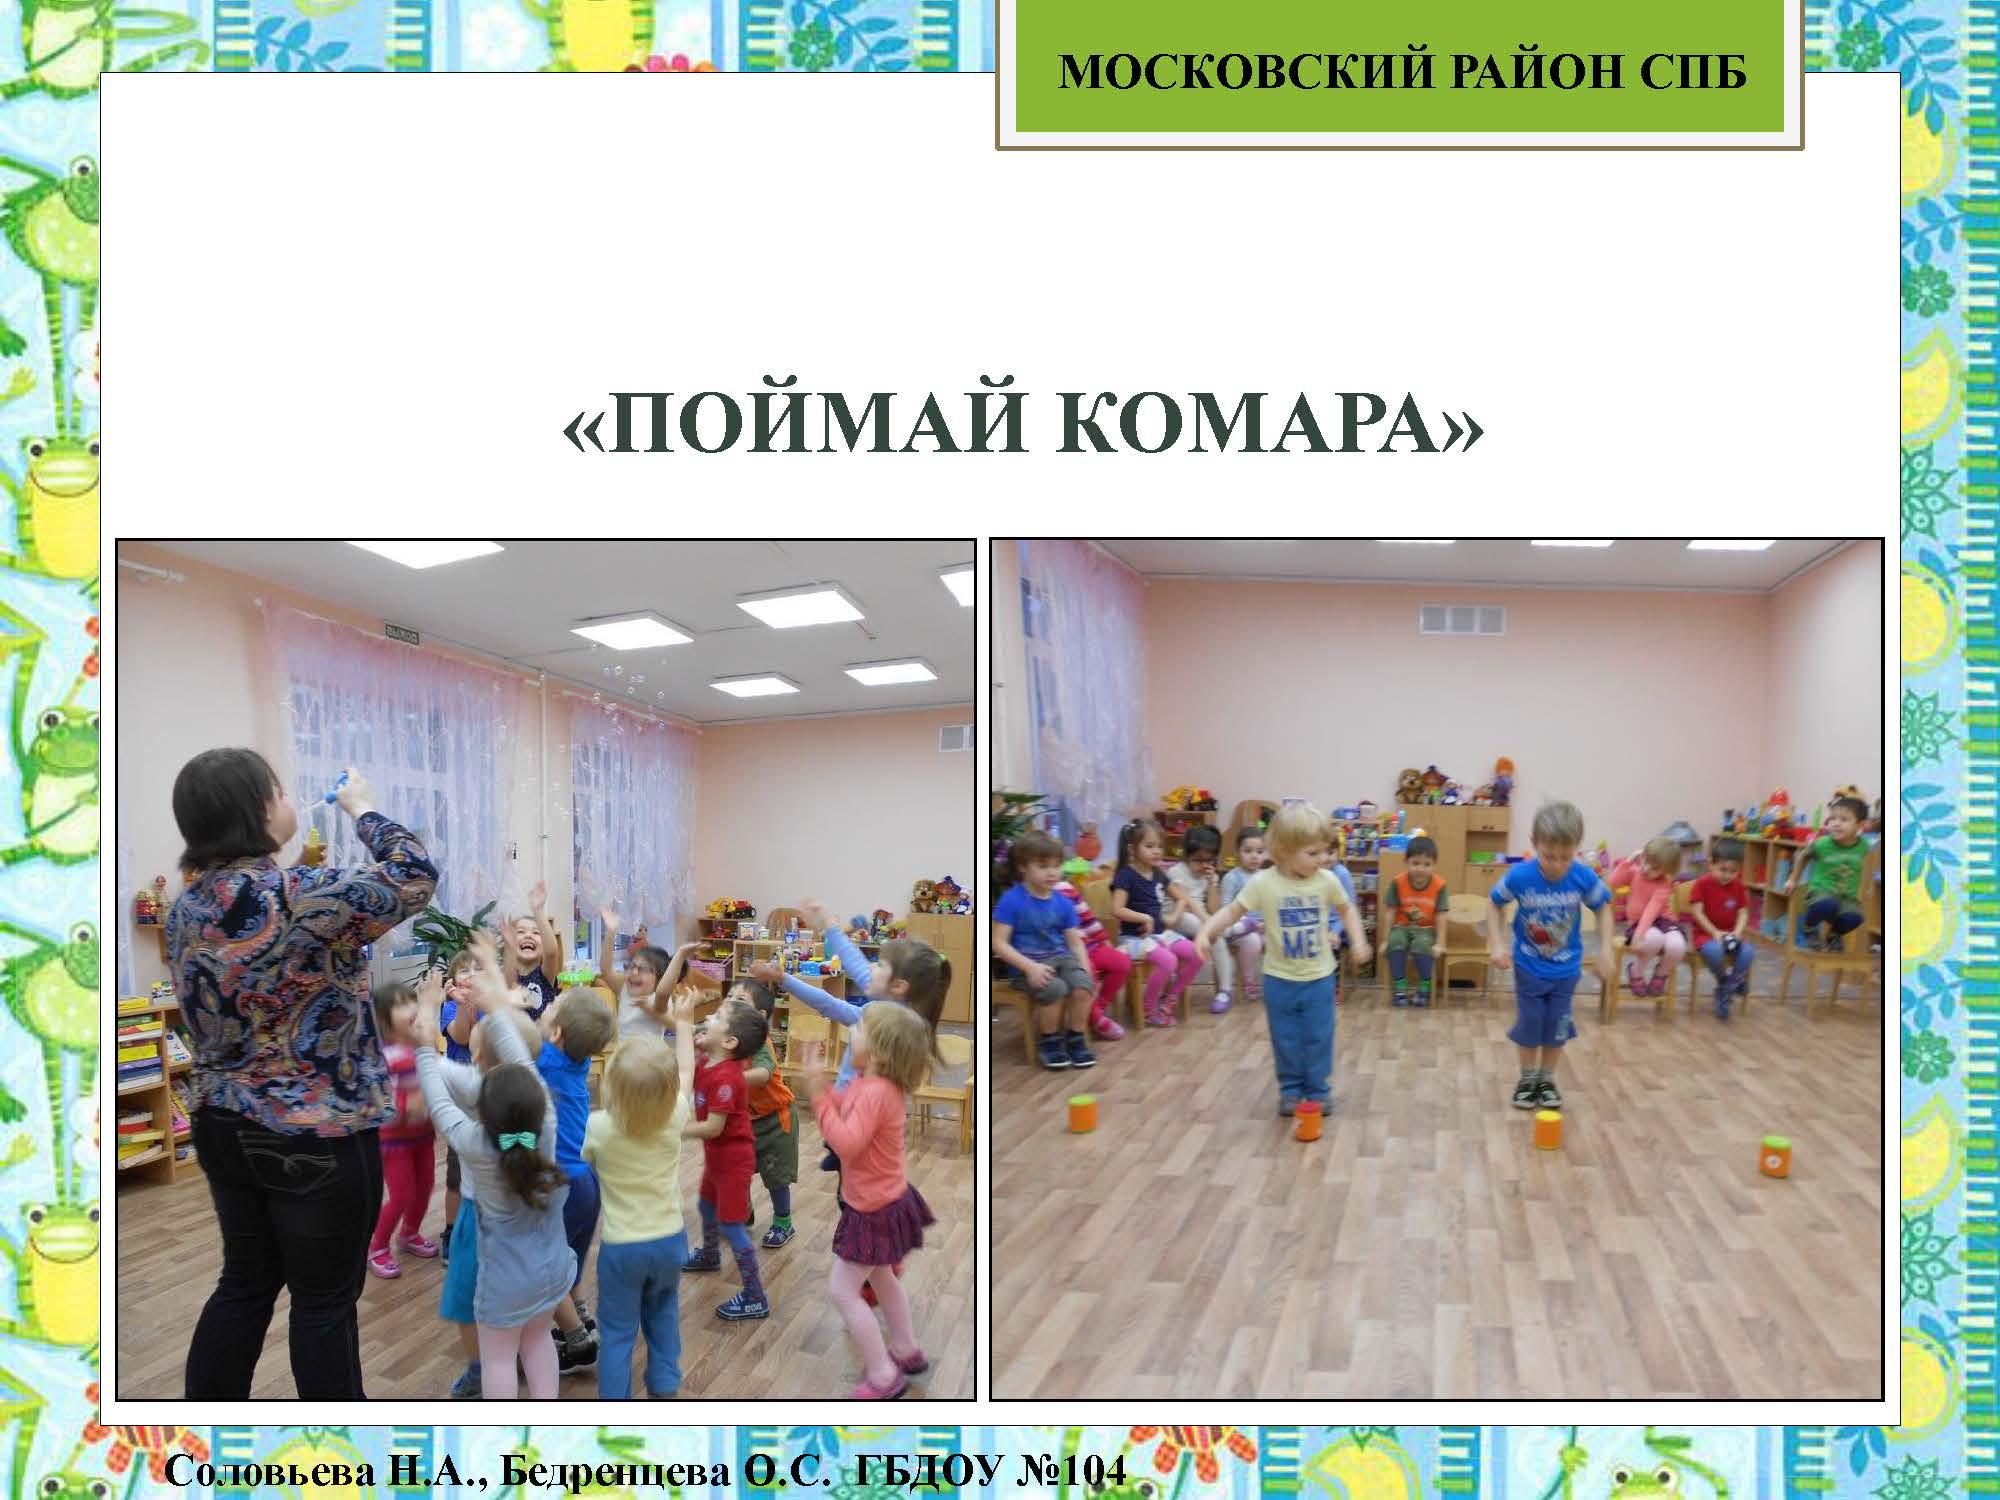 секция 8. ДОУ 104. Московский район_Страница_51